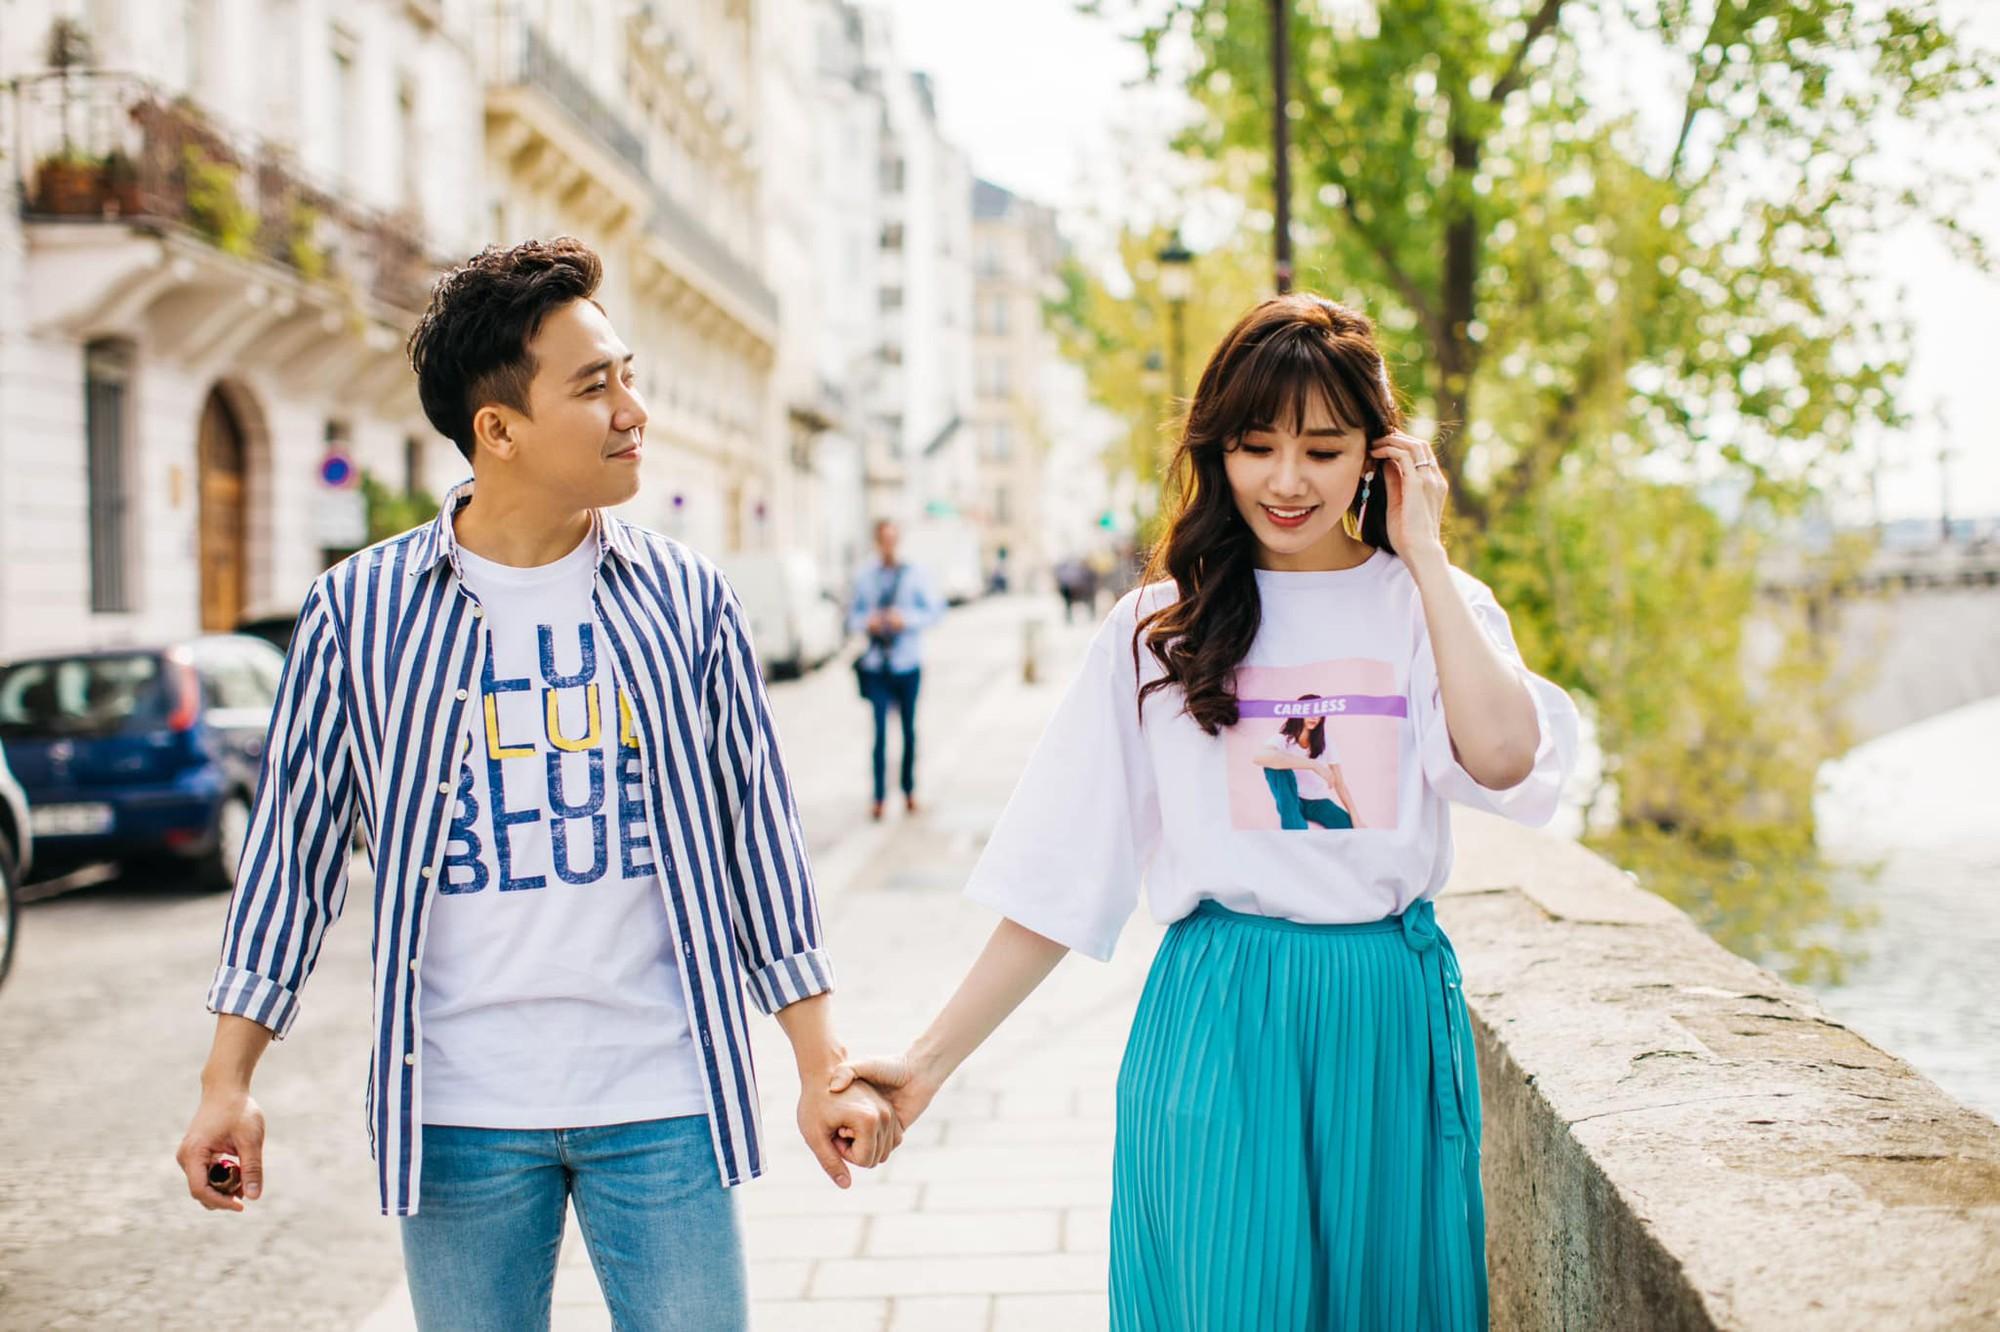 Ngắm trọn bộ ảnh đẹp như phim Hàn của Trấn Thành - Hari Won tại Paris hoa lệ - Ảnh 3.